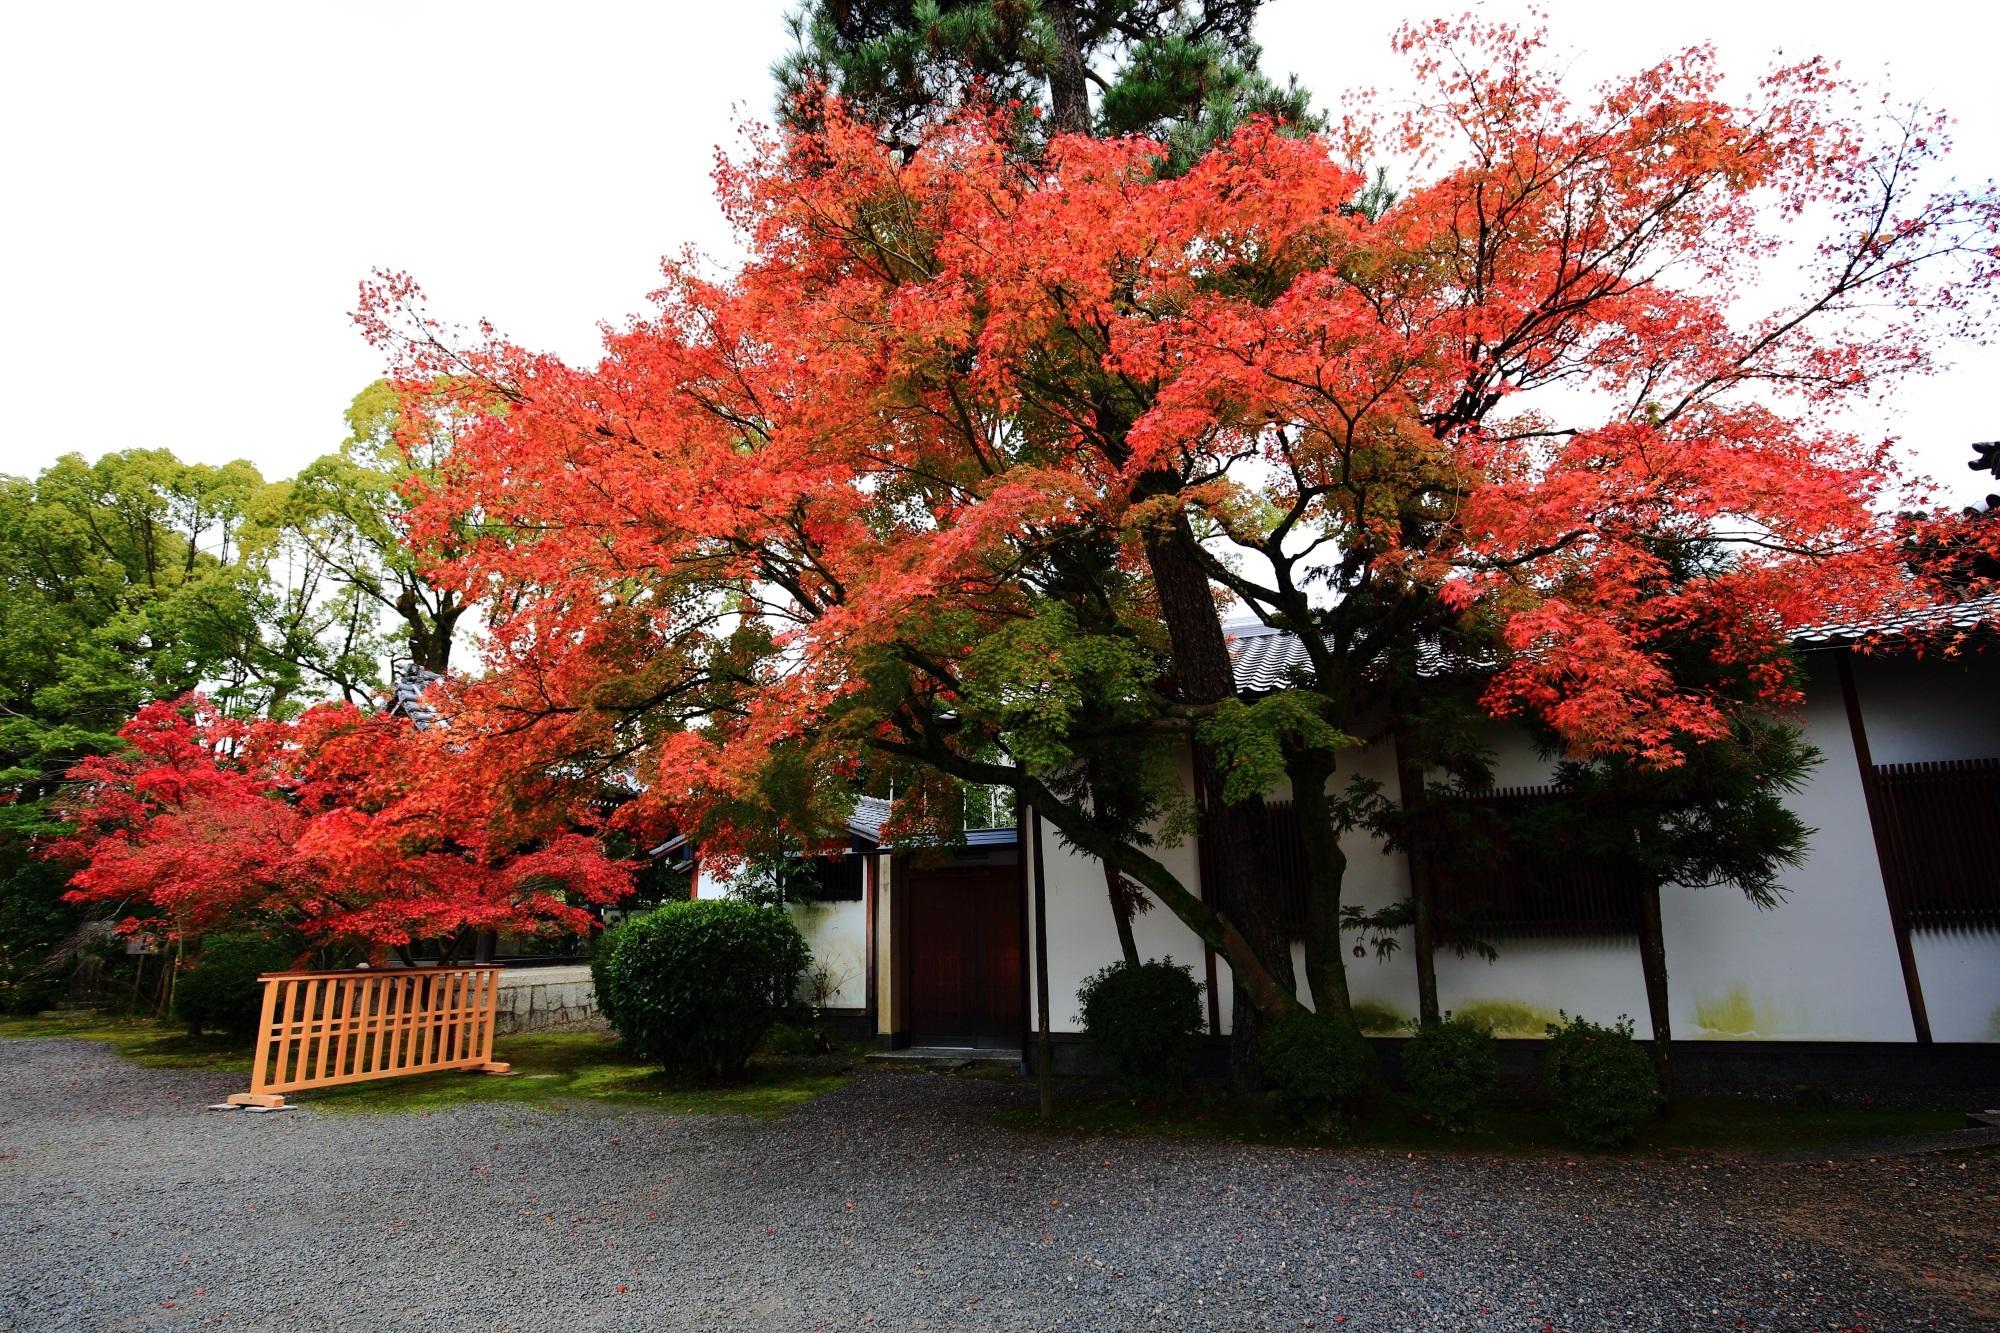 廬山寺の黒門付近の鮮やかな紅葉